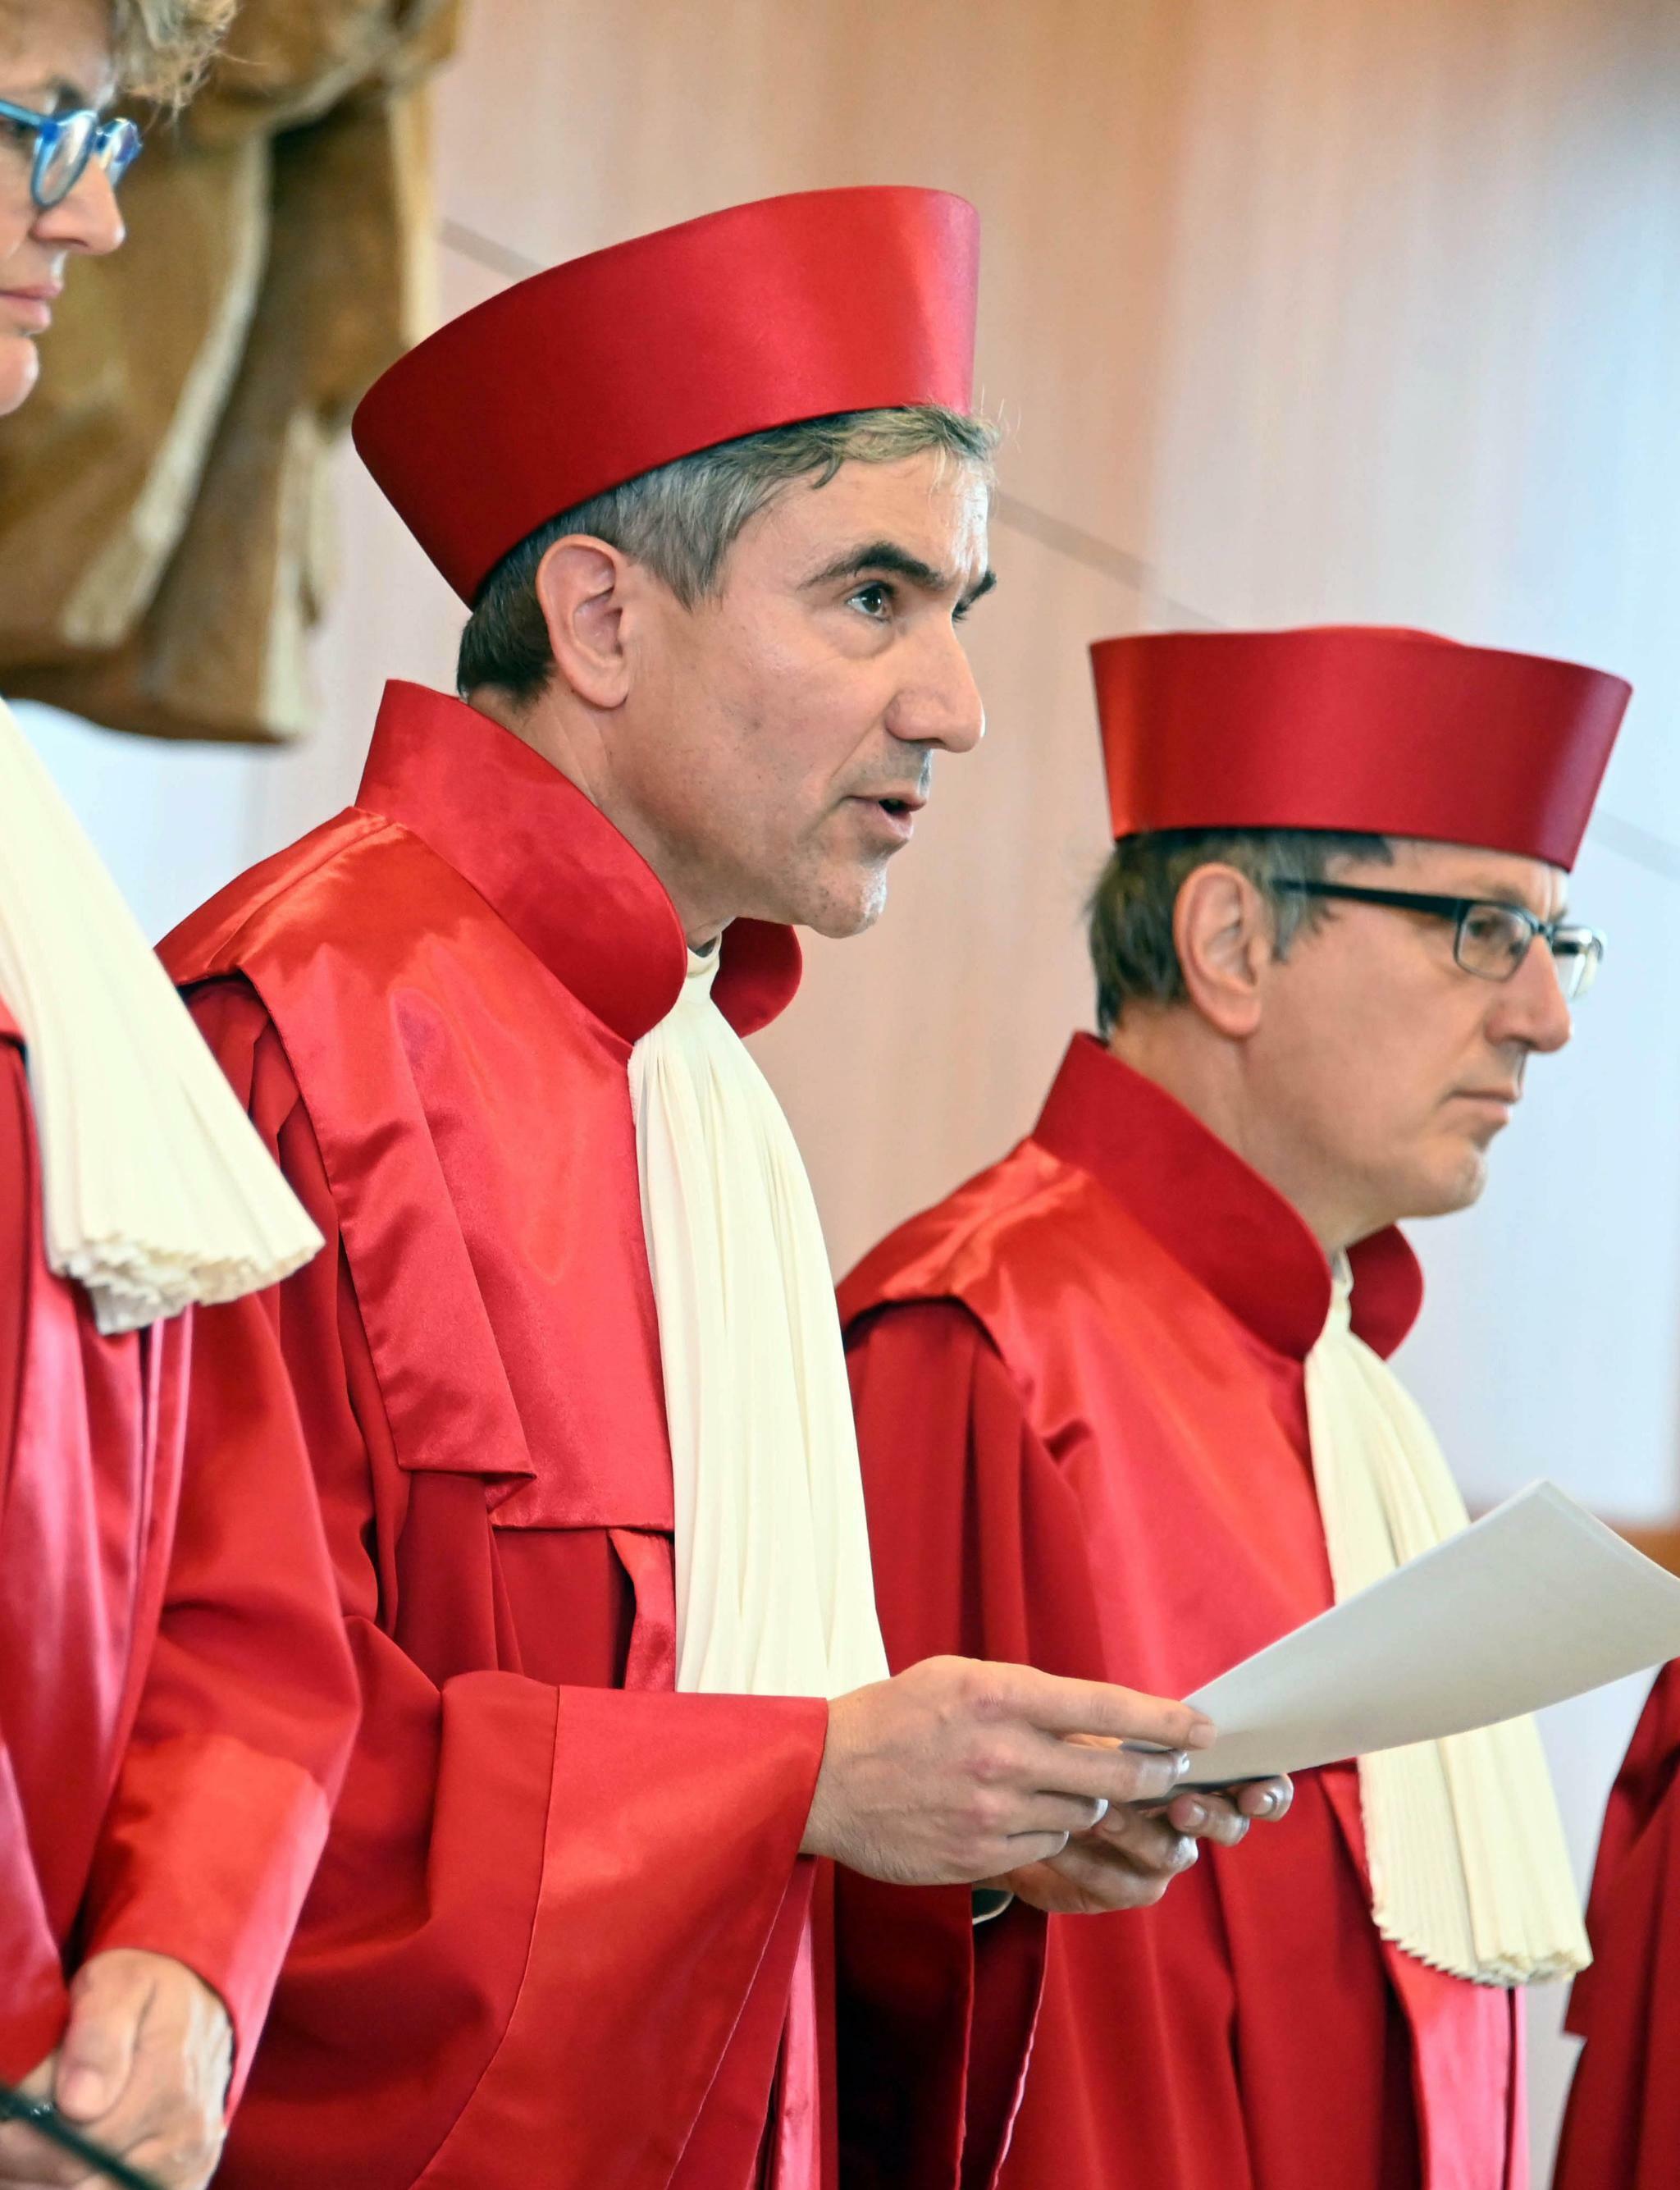 BVerfGG: Wahl zur Voßkuhle-Nachfolge steht unmittelbar bevor